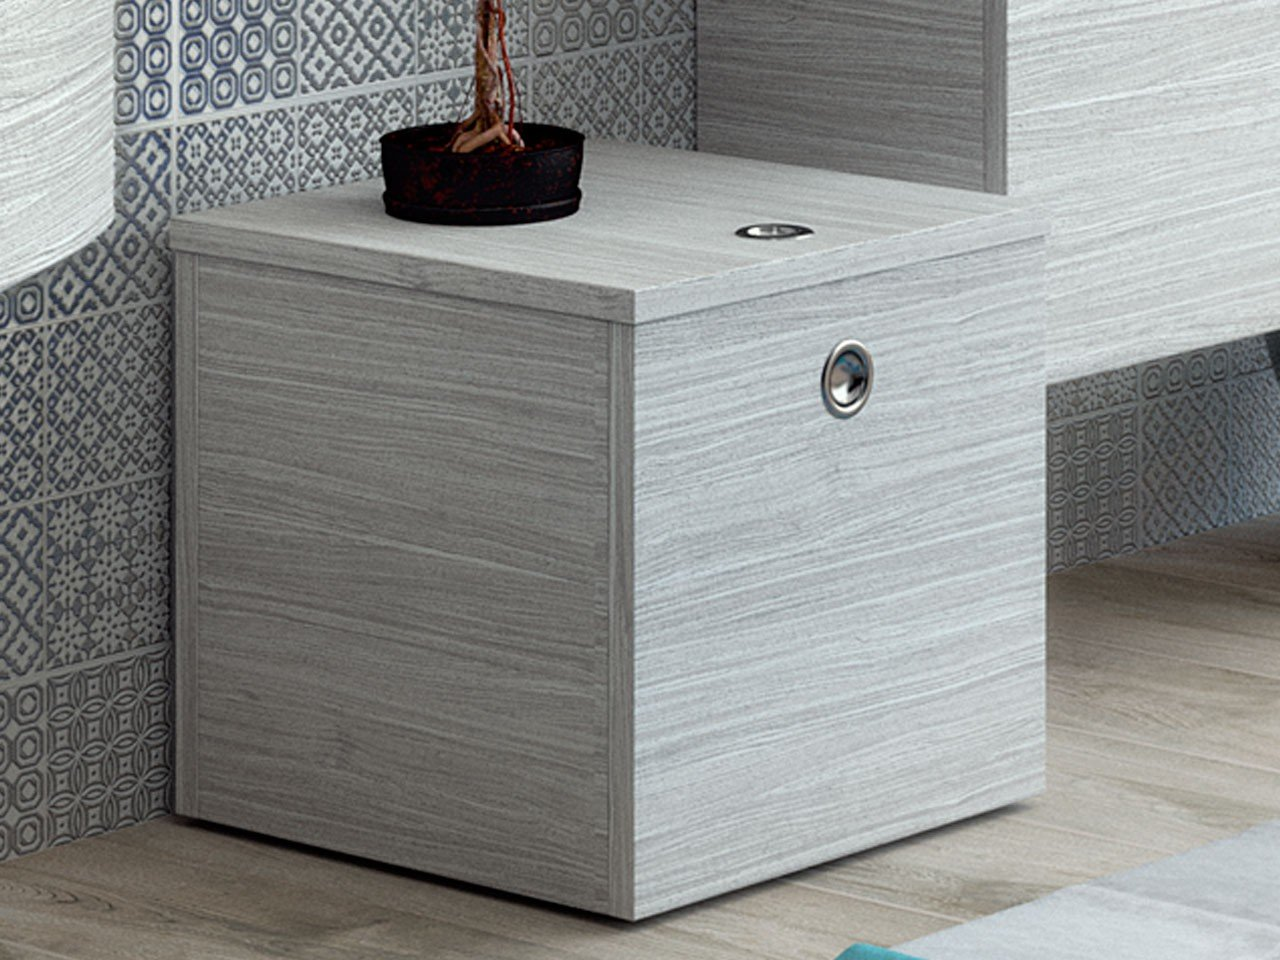 jolly 90 bathroom furniture laundry storage box cm 36x36xh36 ash